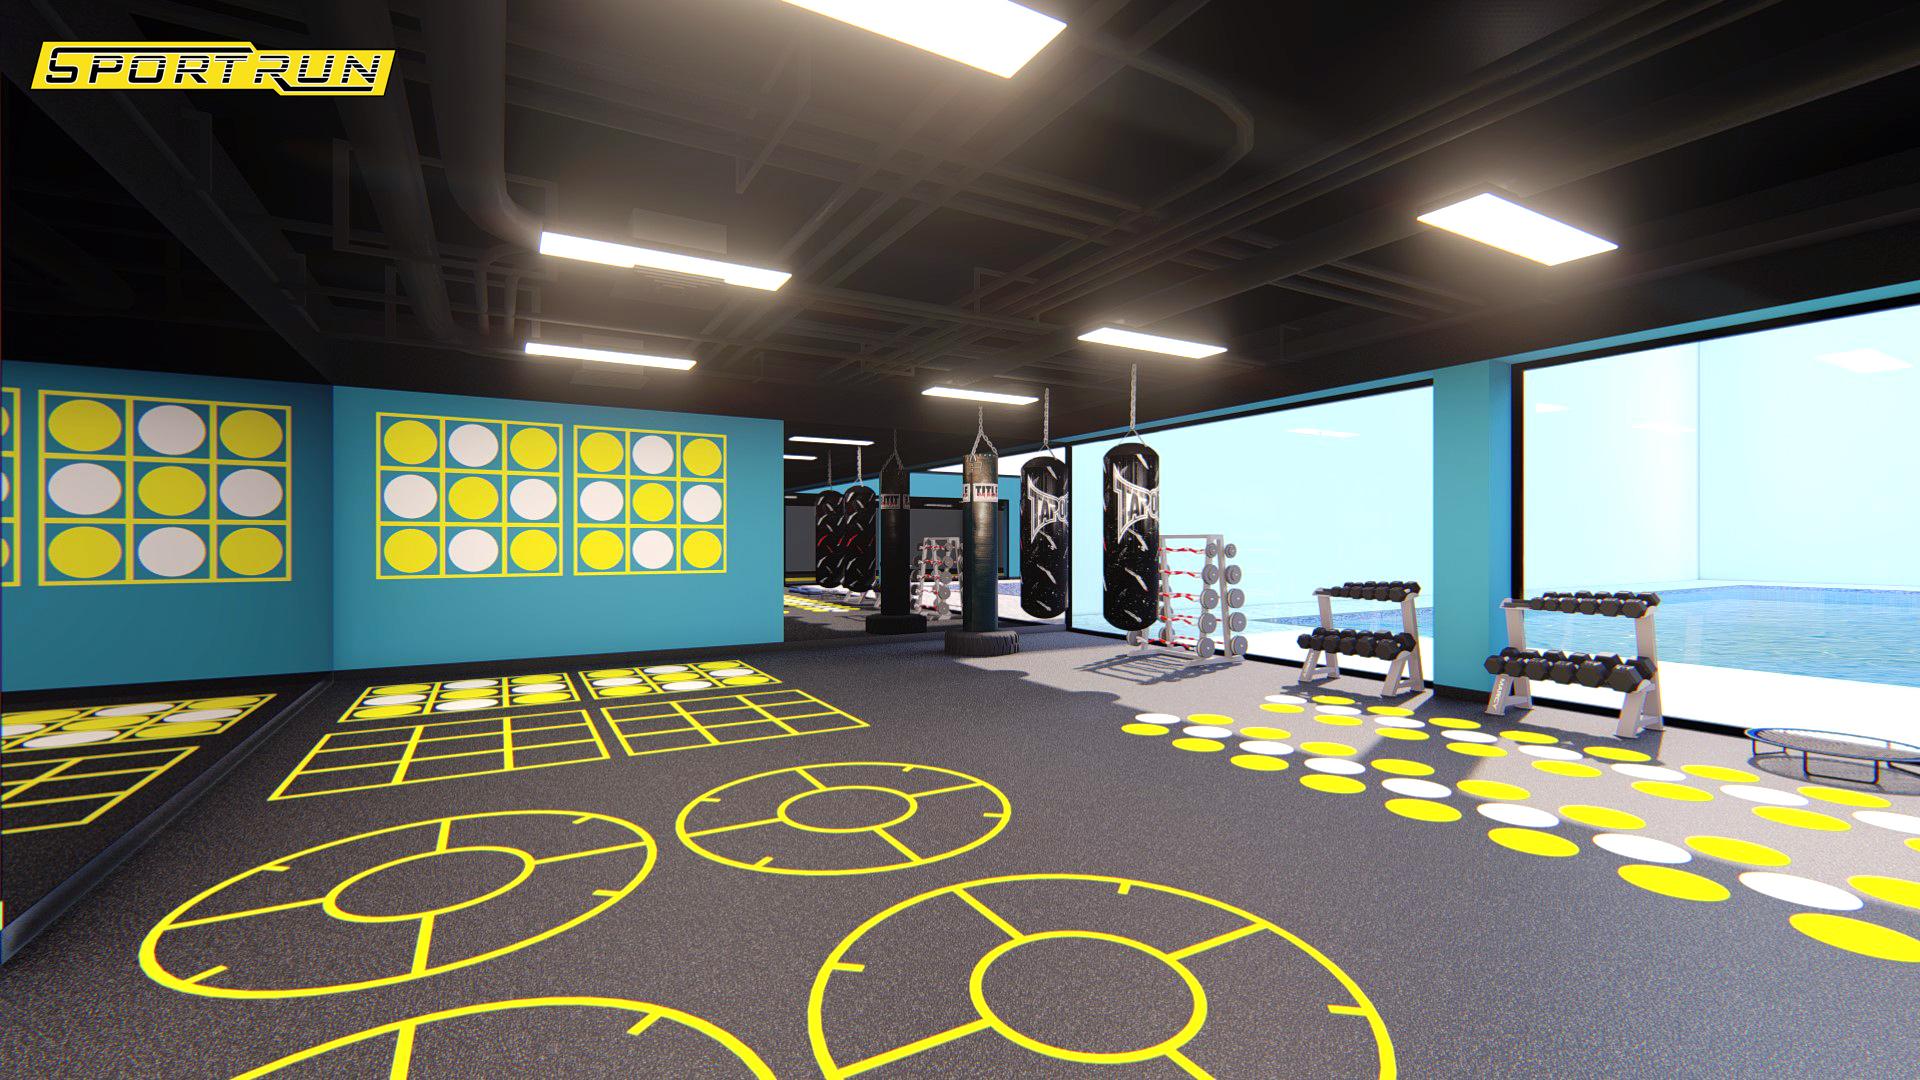 696b29ed42c4a09af9d5 - Functional Training – Tinh hoa tập luyện cho hiệu quả tối ưu